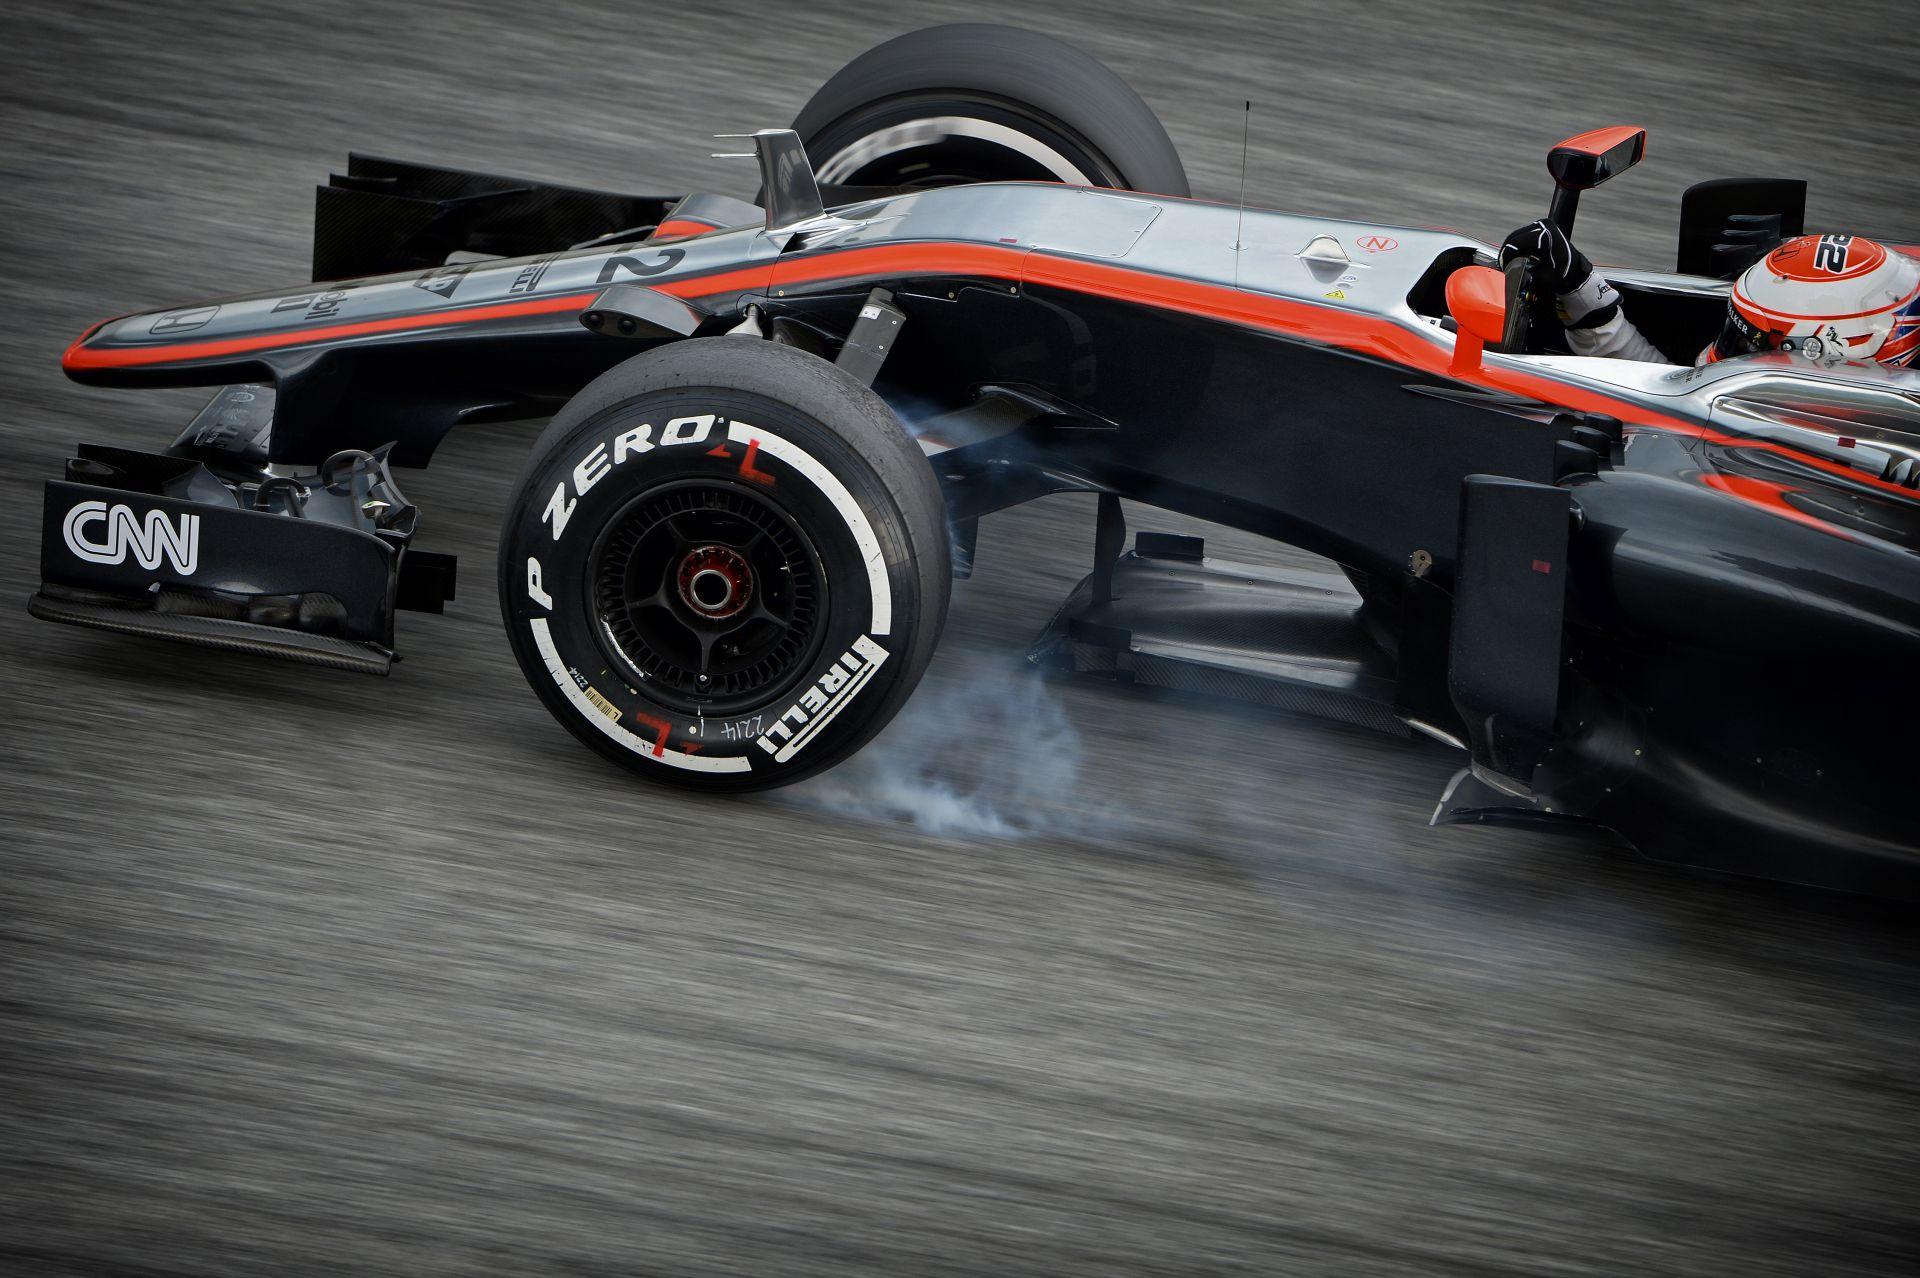 Még mindig hiányzik 125 lóerő a McLaren-Hondánál